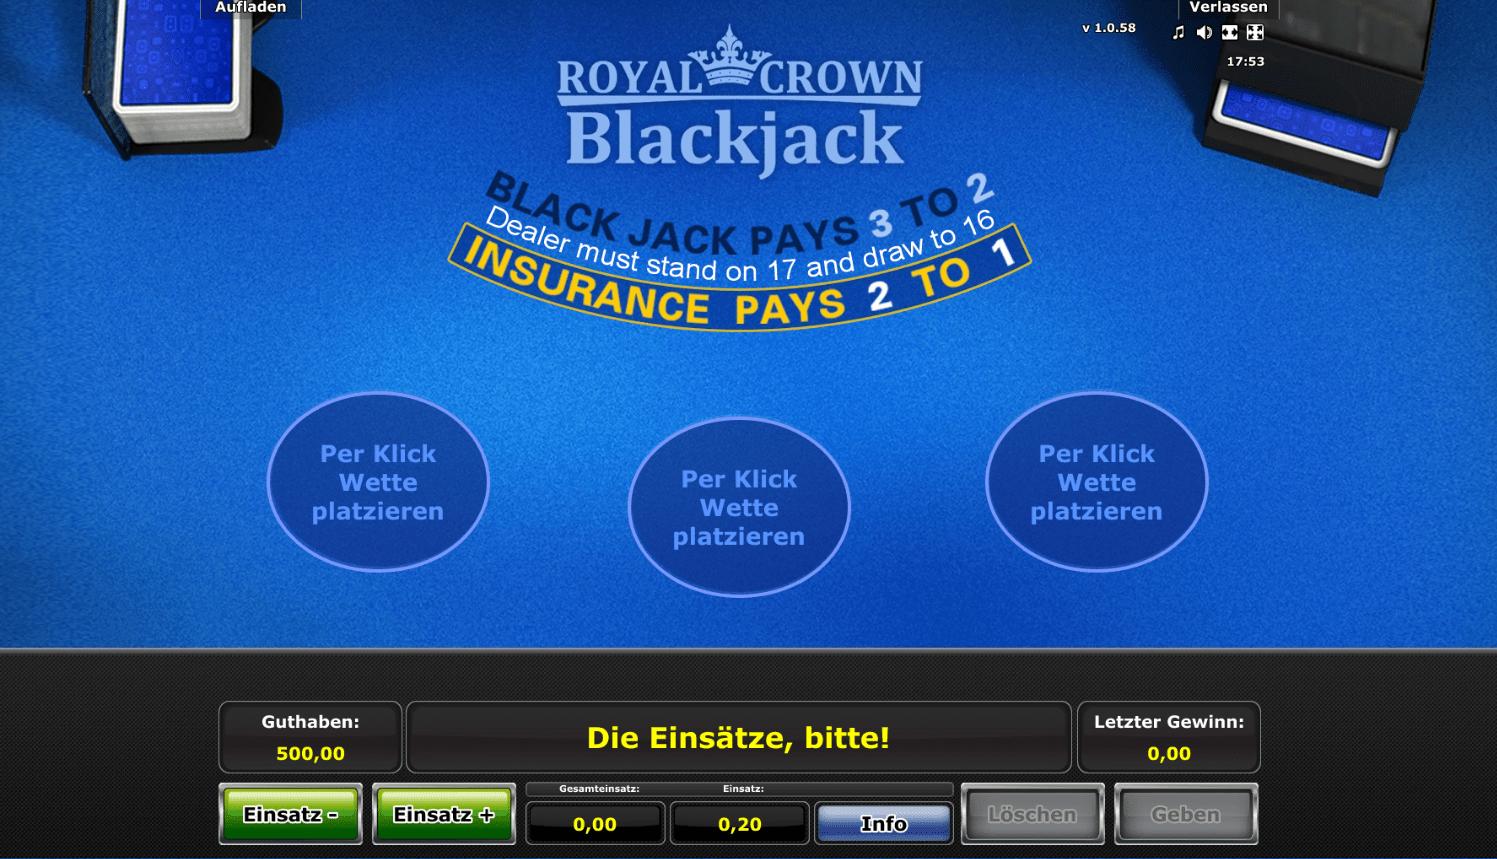 Blackjack schweiz